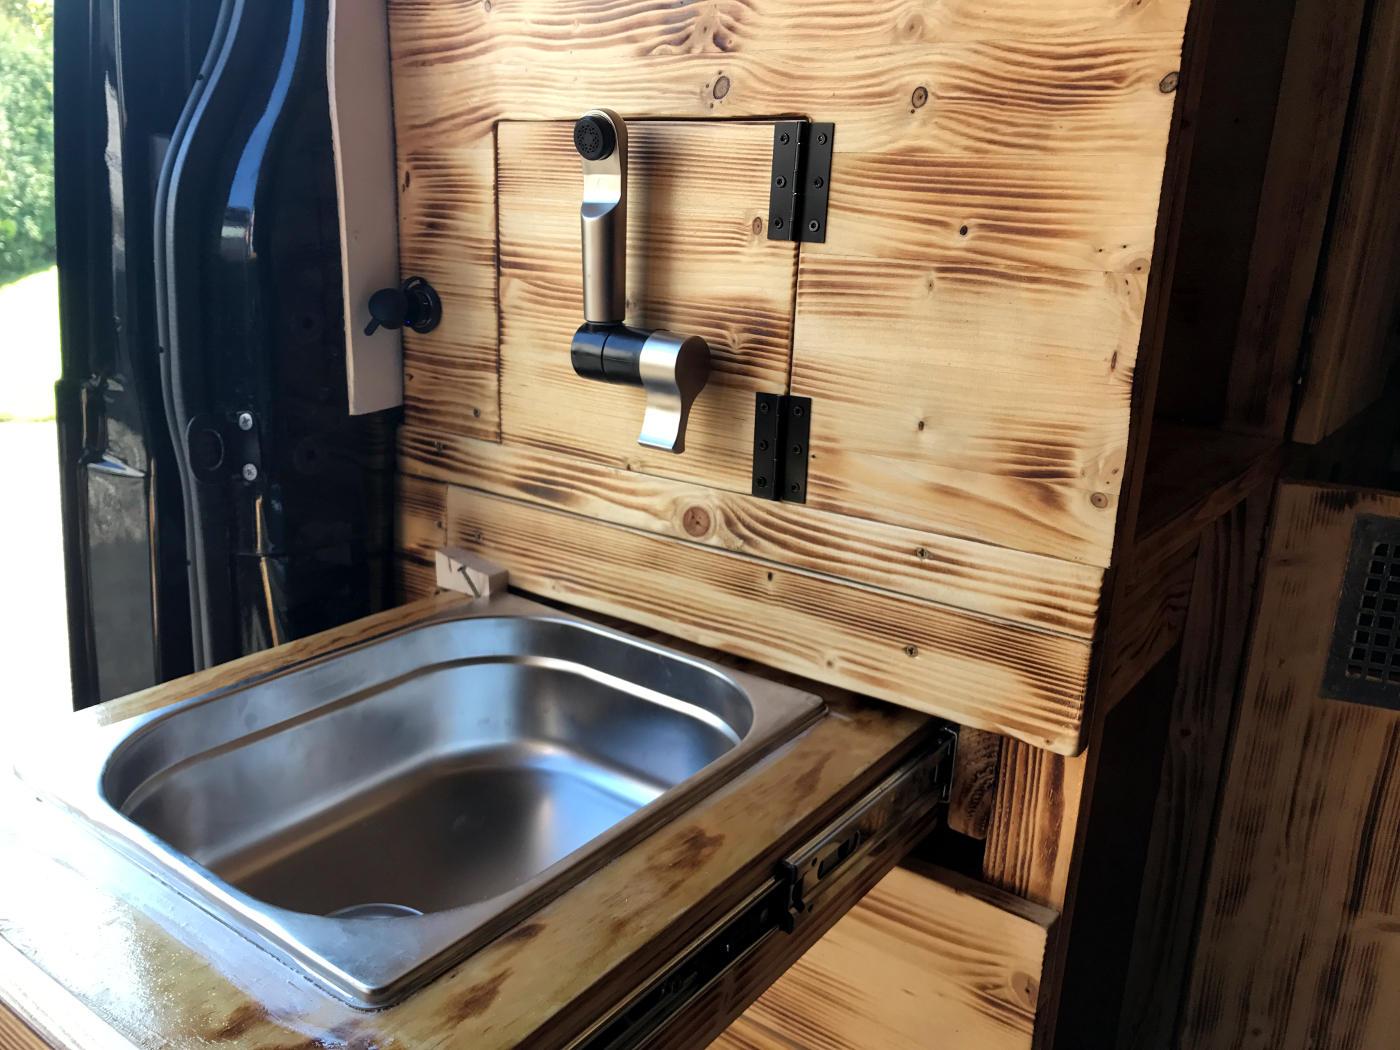 Spülbecken ausziehbar Schublade Selbstausbau Campervan Van Camper Holz